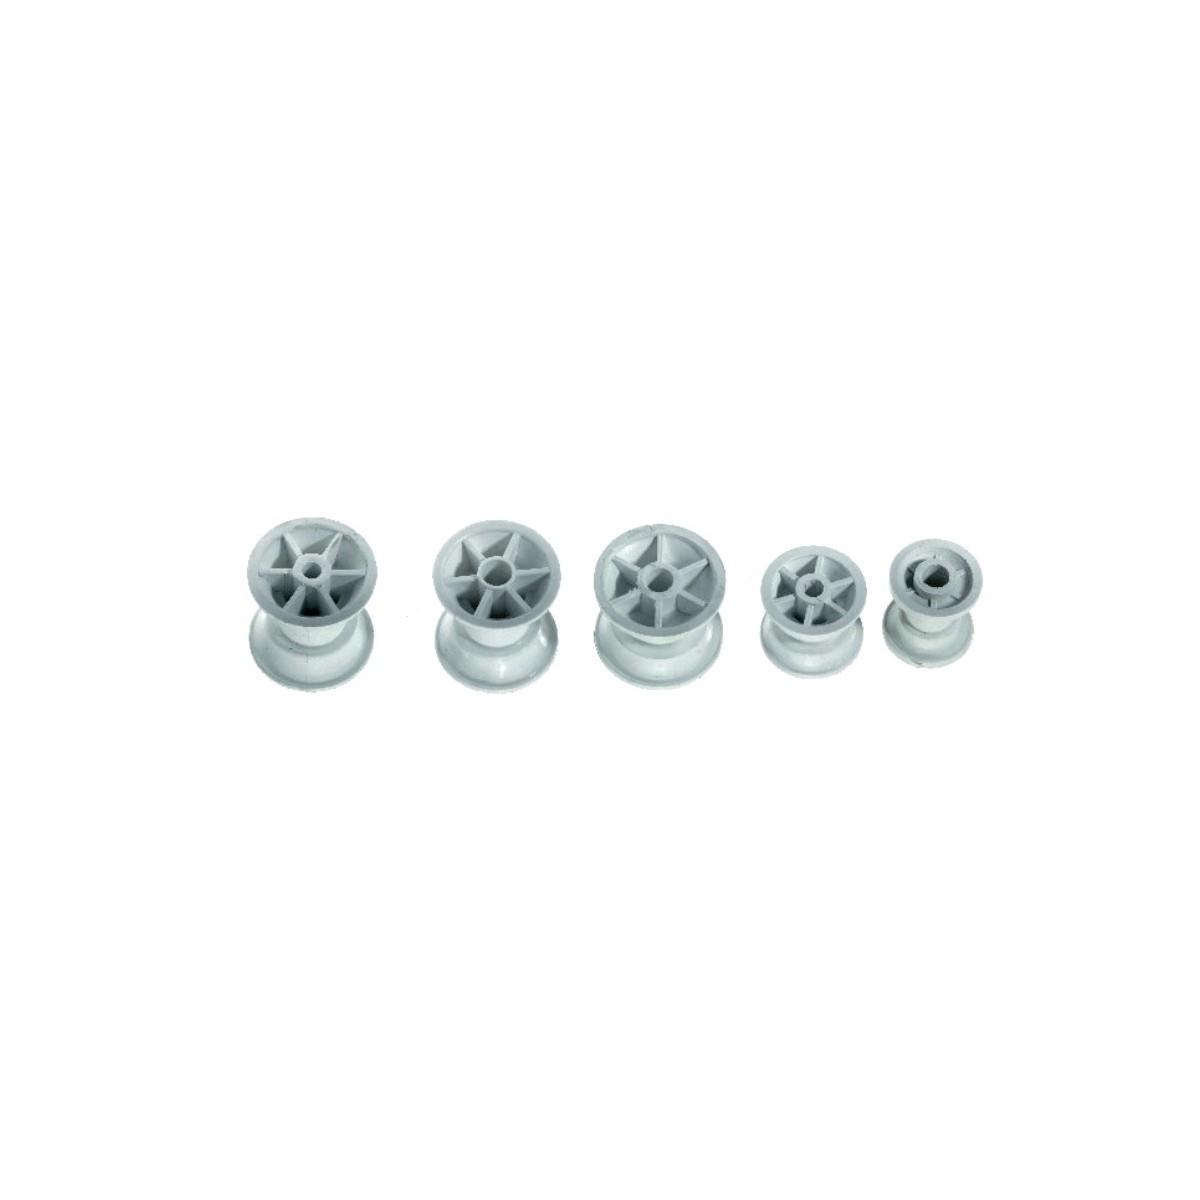 9.7 - Ροδάκι Πλαστικό Μήκους 40mm